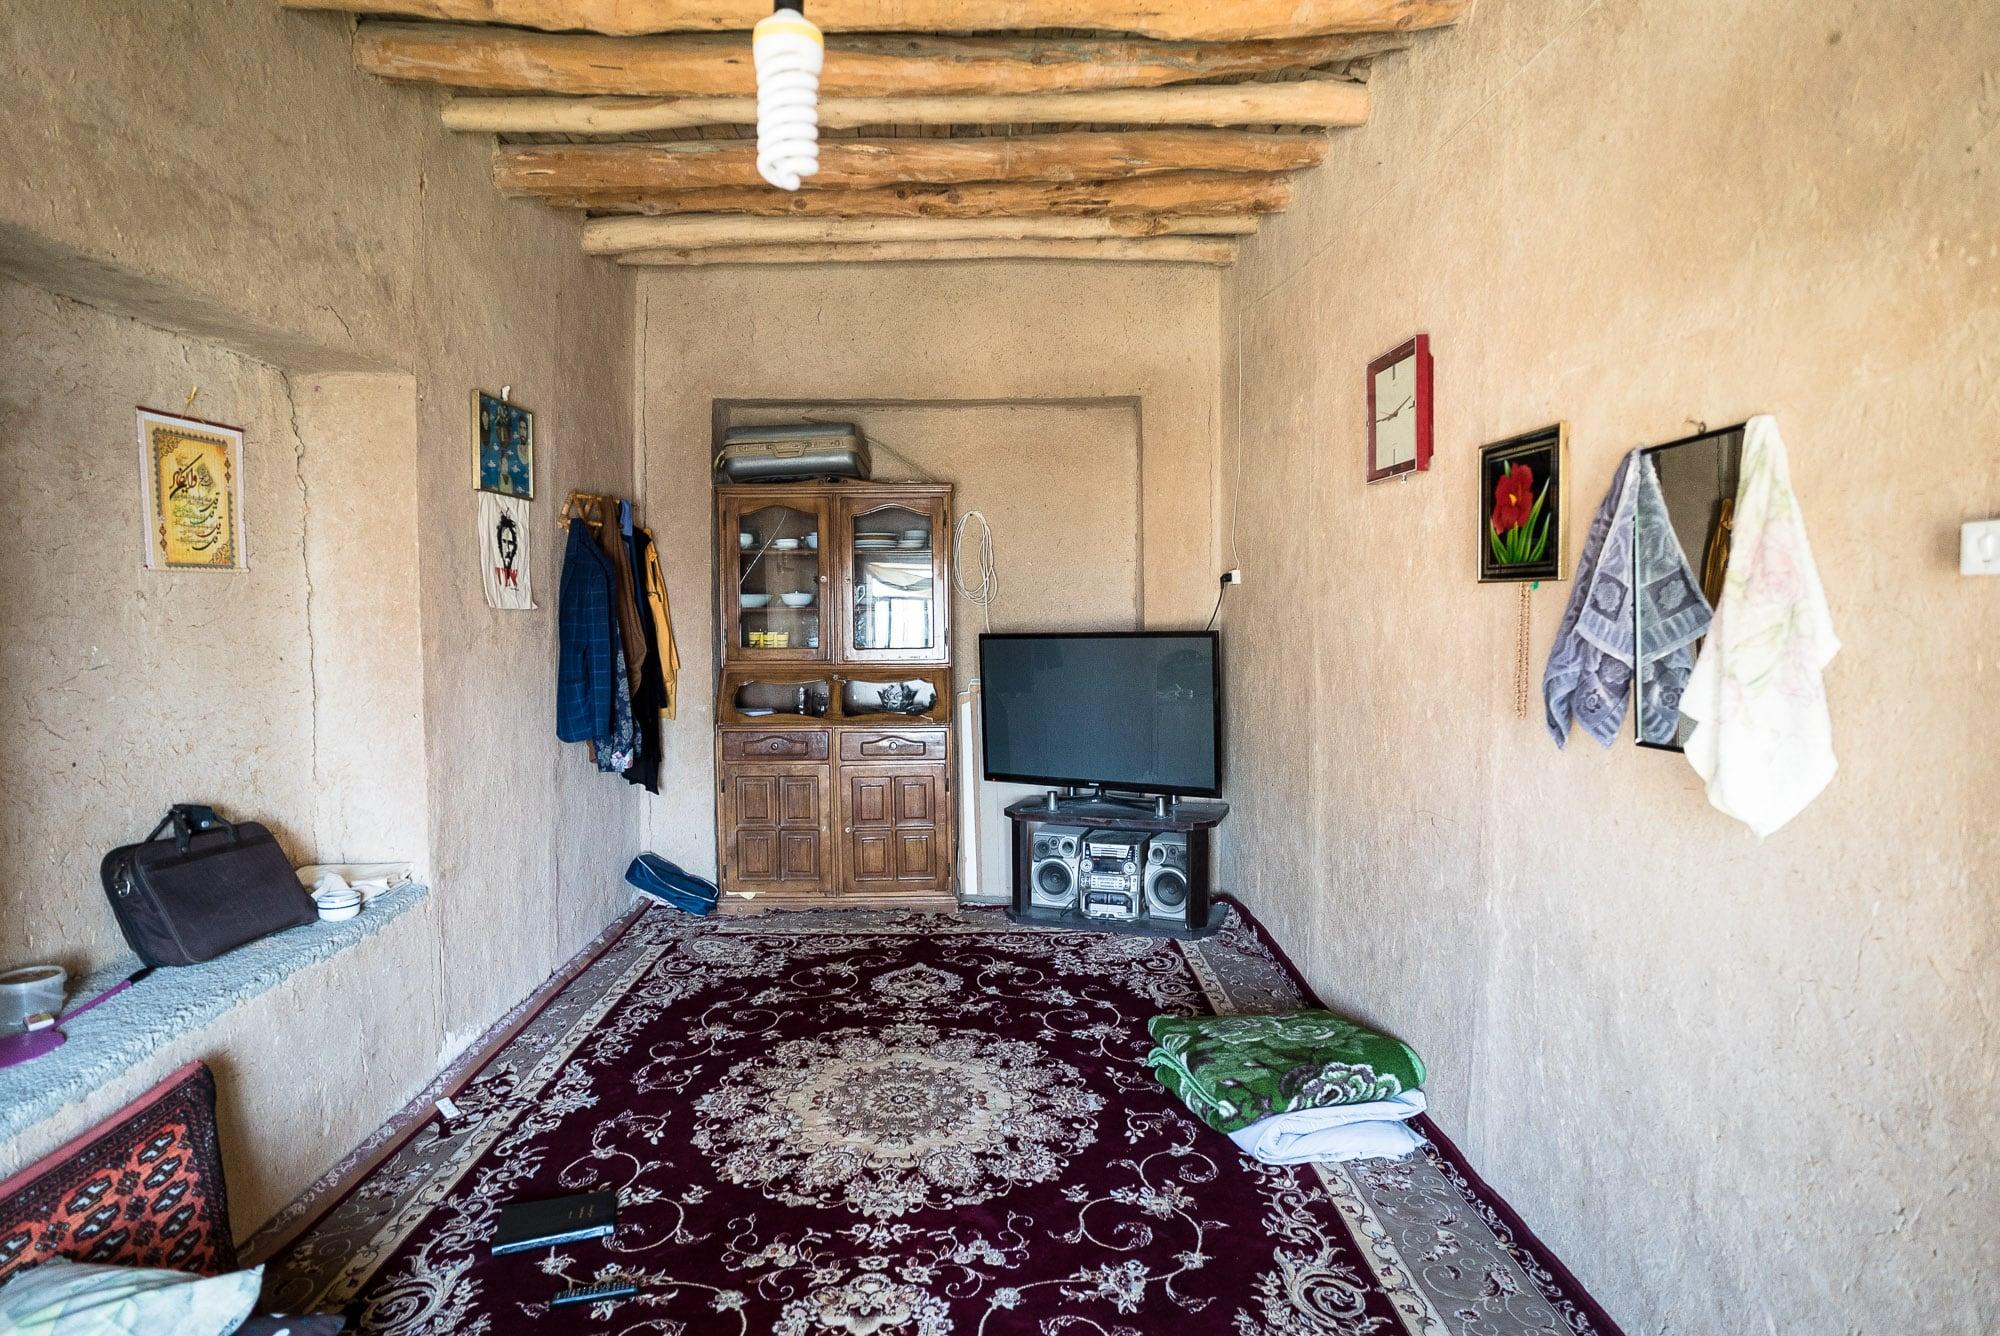 Hadi's house